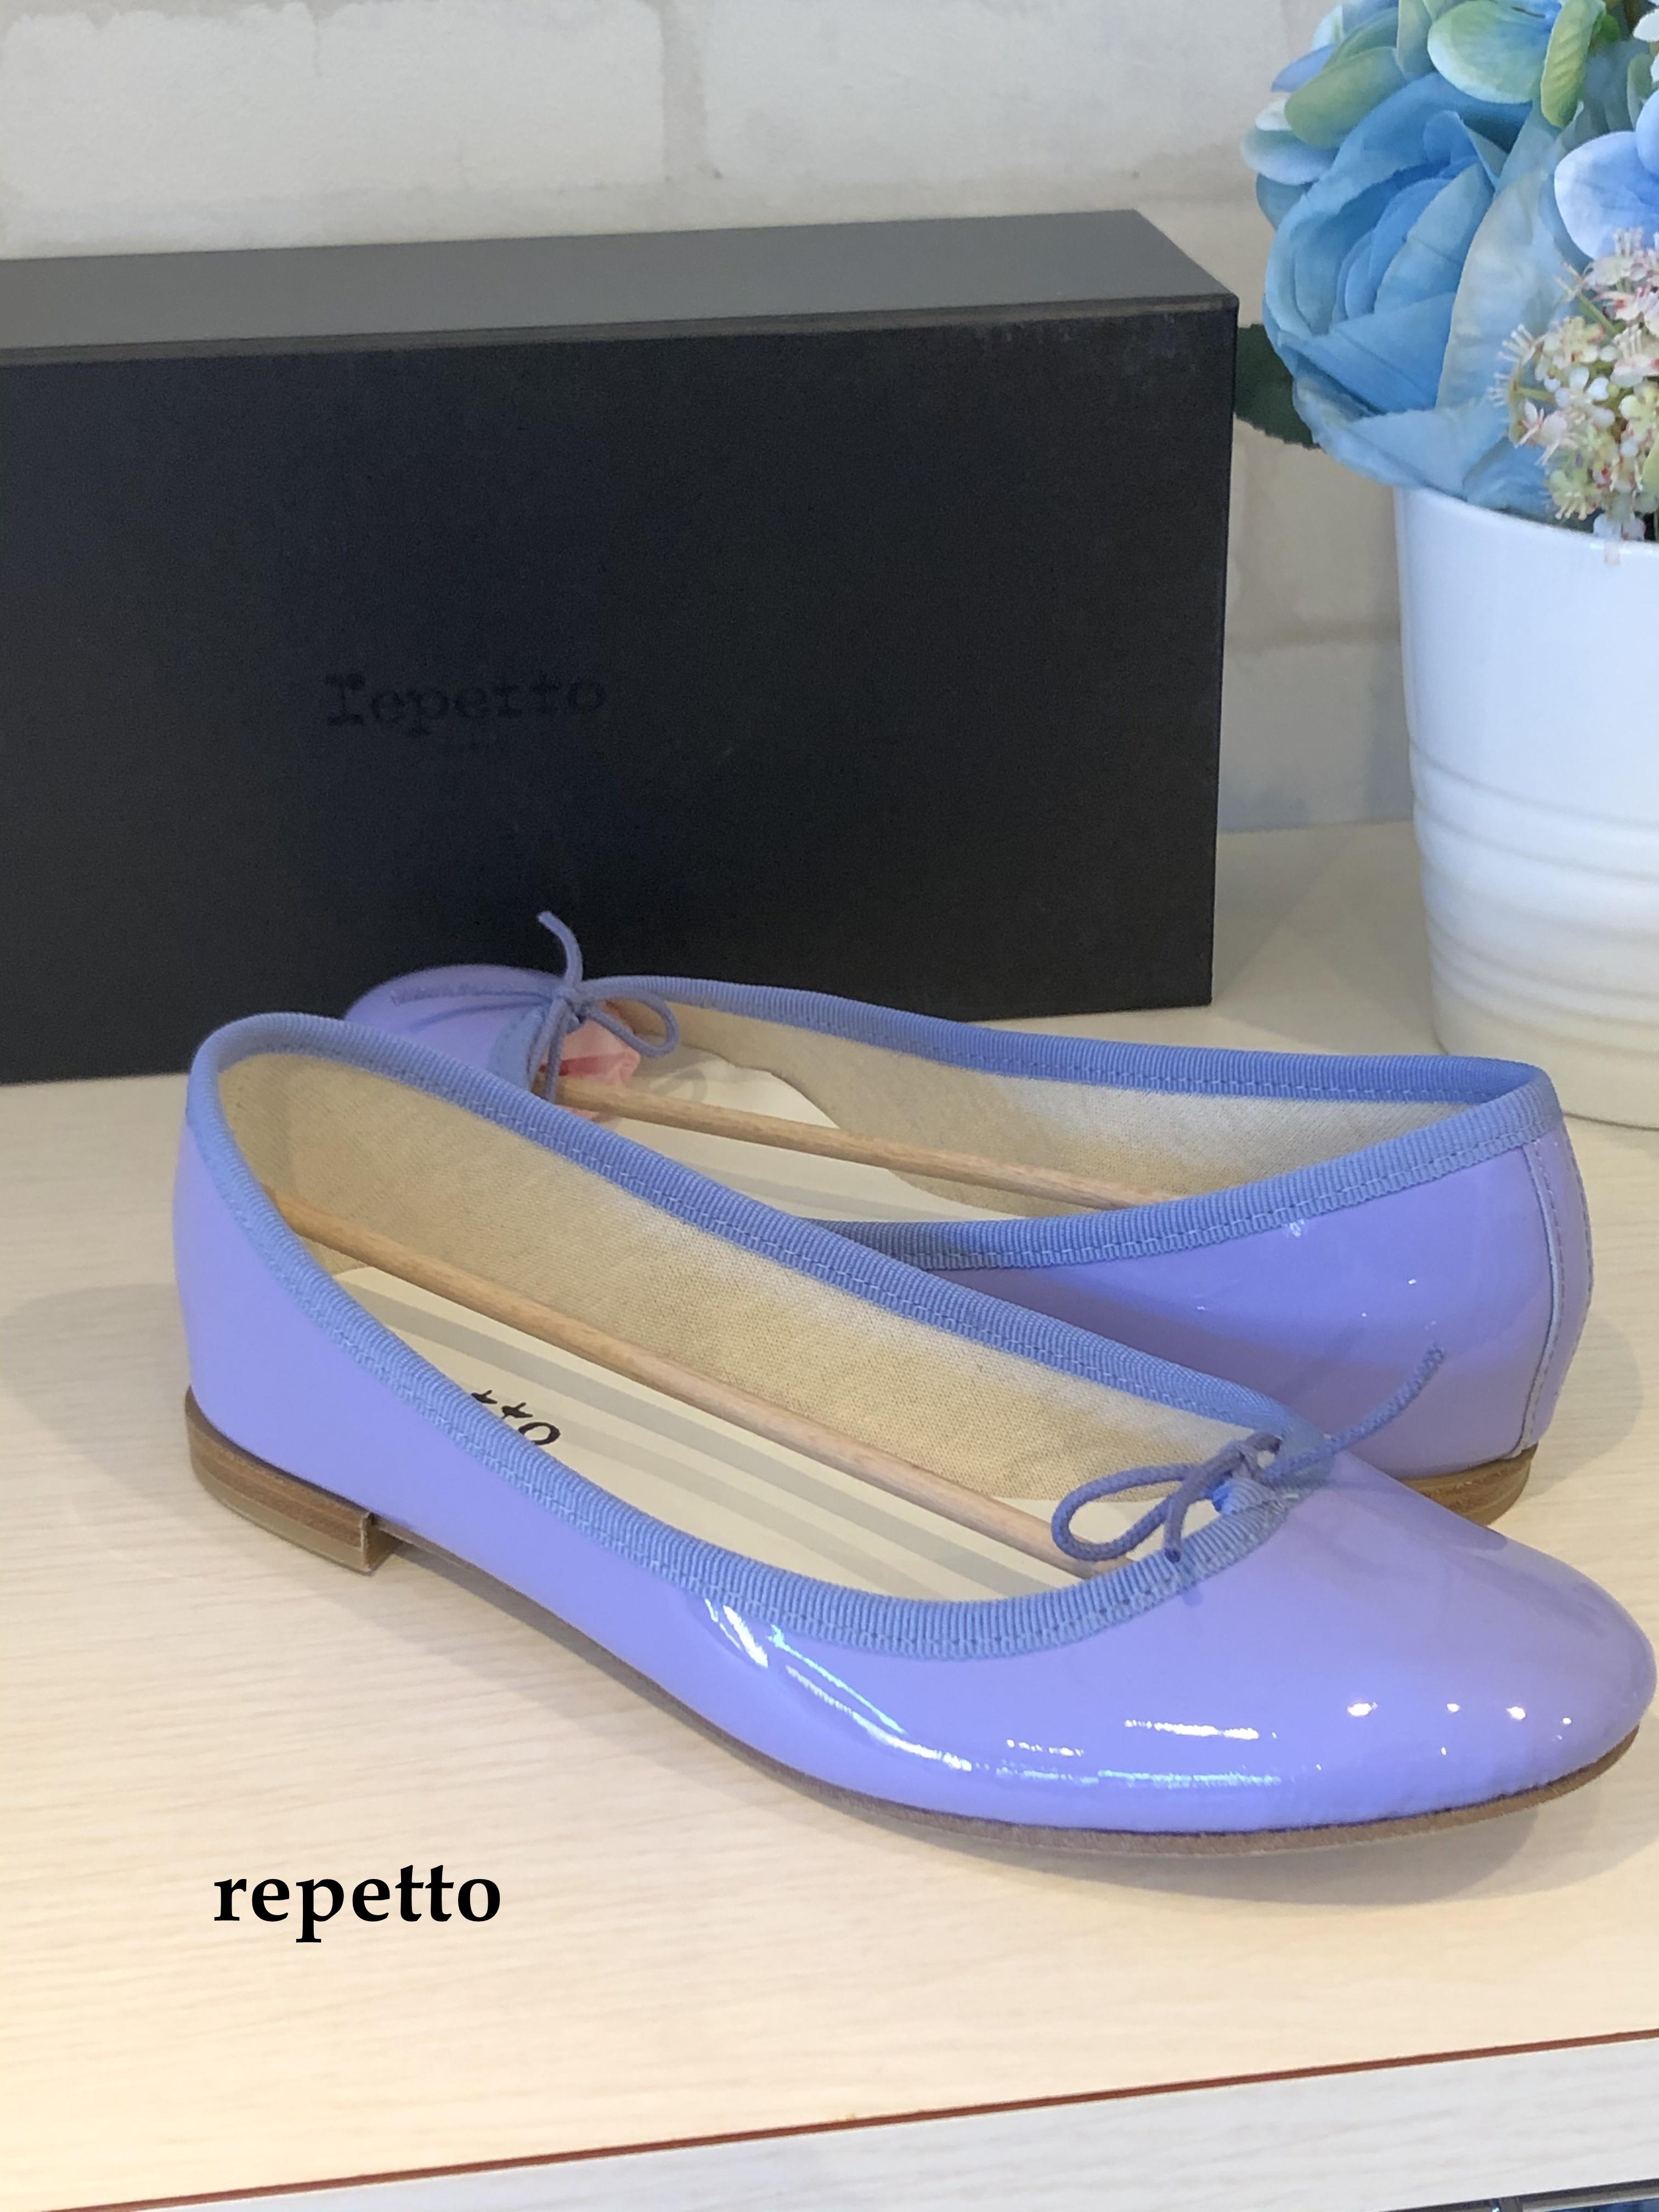 repetto(レペット)/Cendrillonバレエシューズ/06086(PPU)